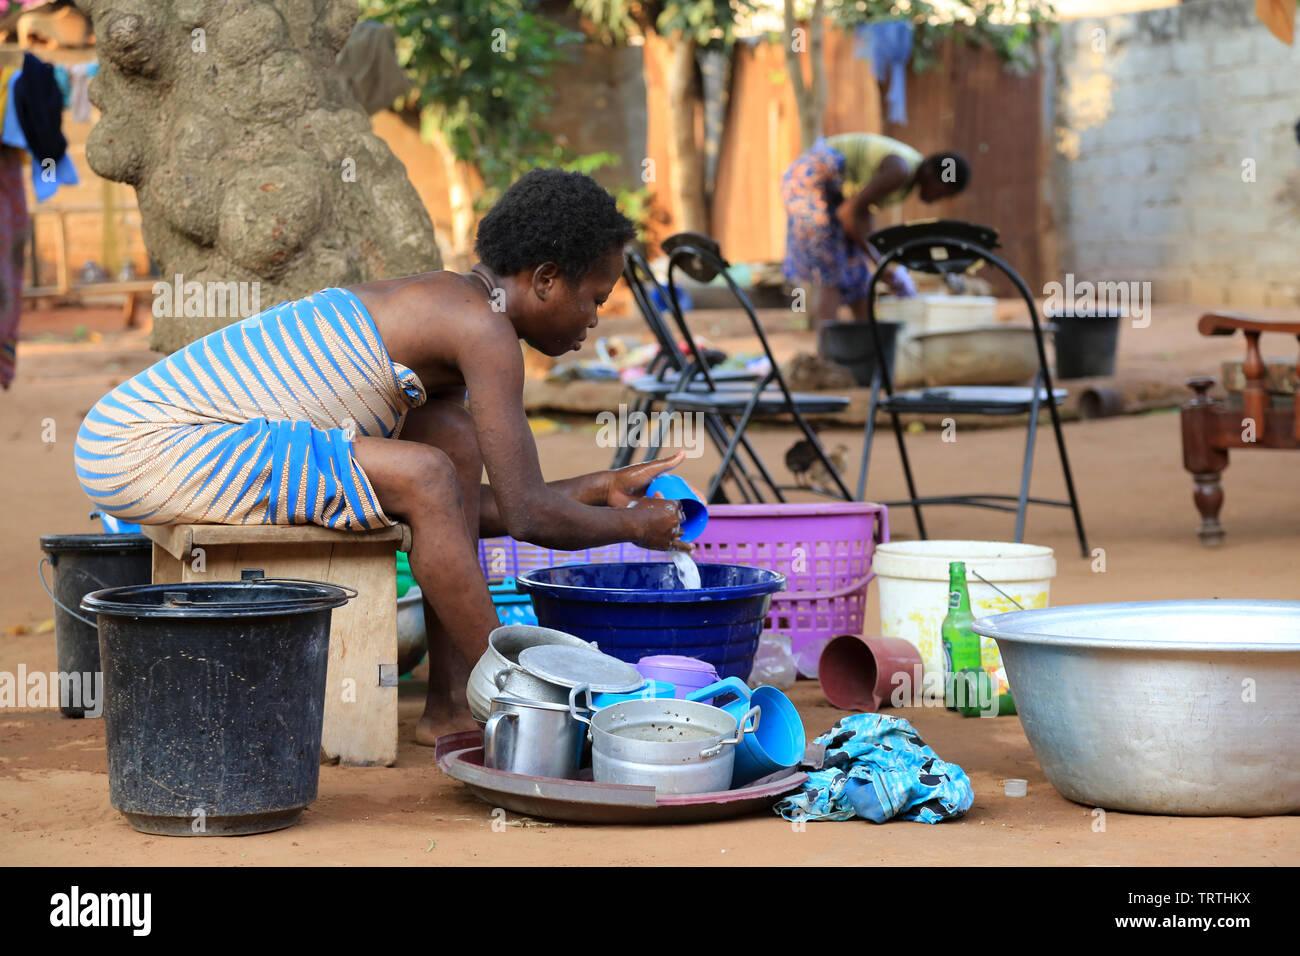 Togolaise lavant la vaisselle. Lomé. Le Togo. Afrique de l'Ouest. Photo Stock